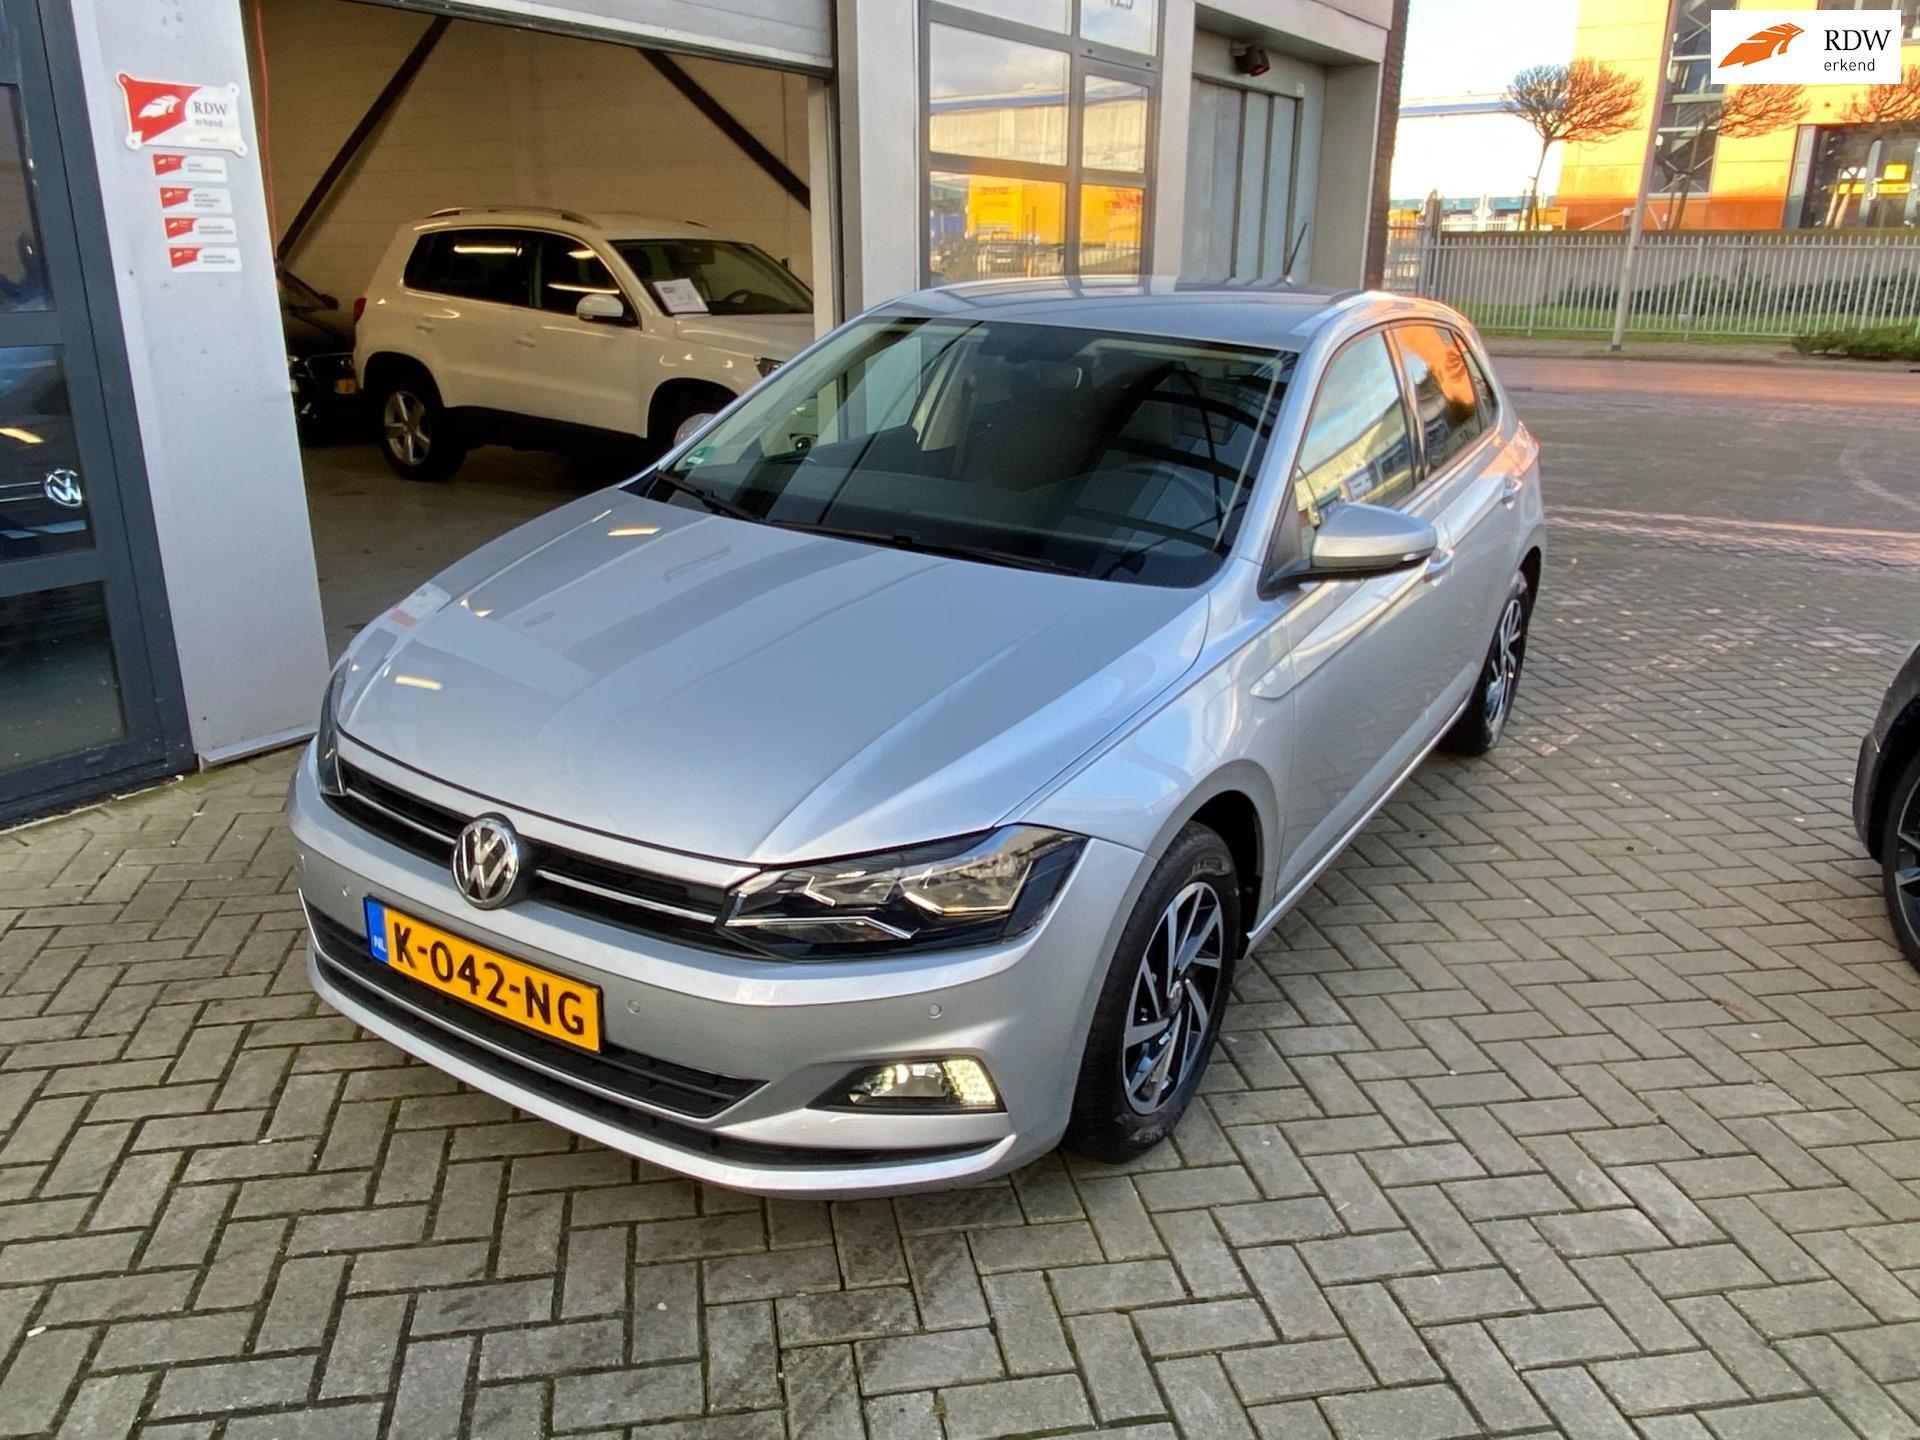 Volkswagen Polo occasion - Auto Haaglanden